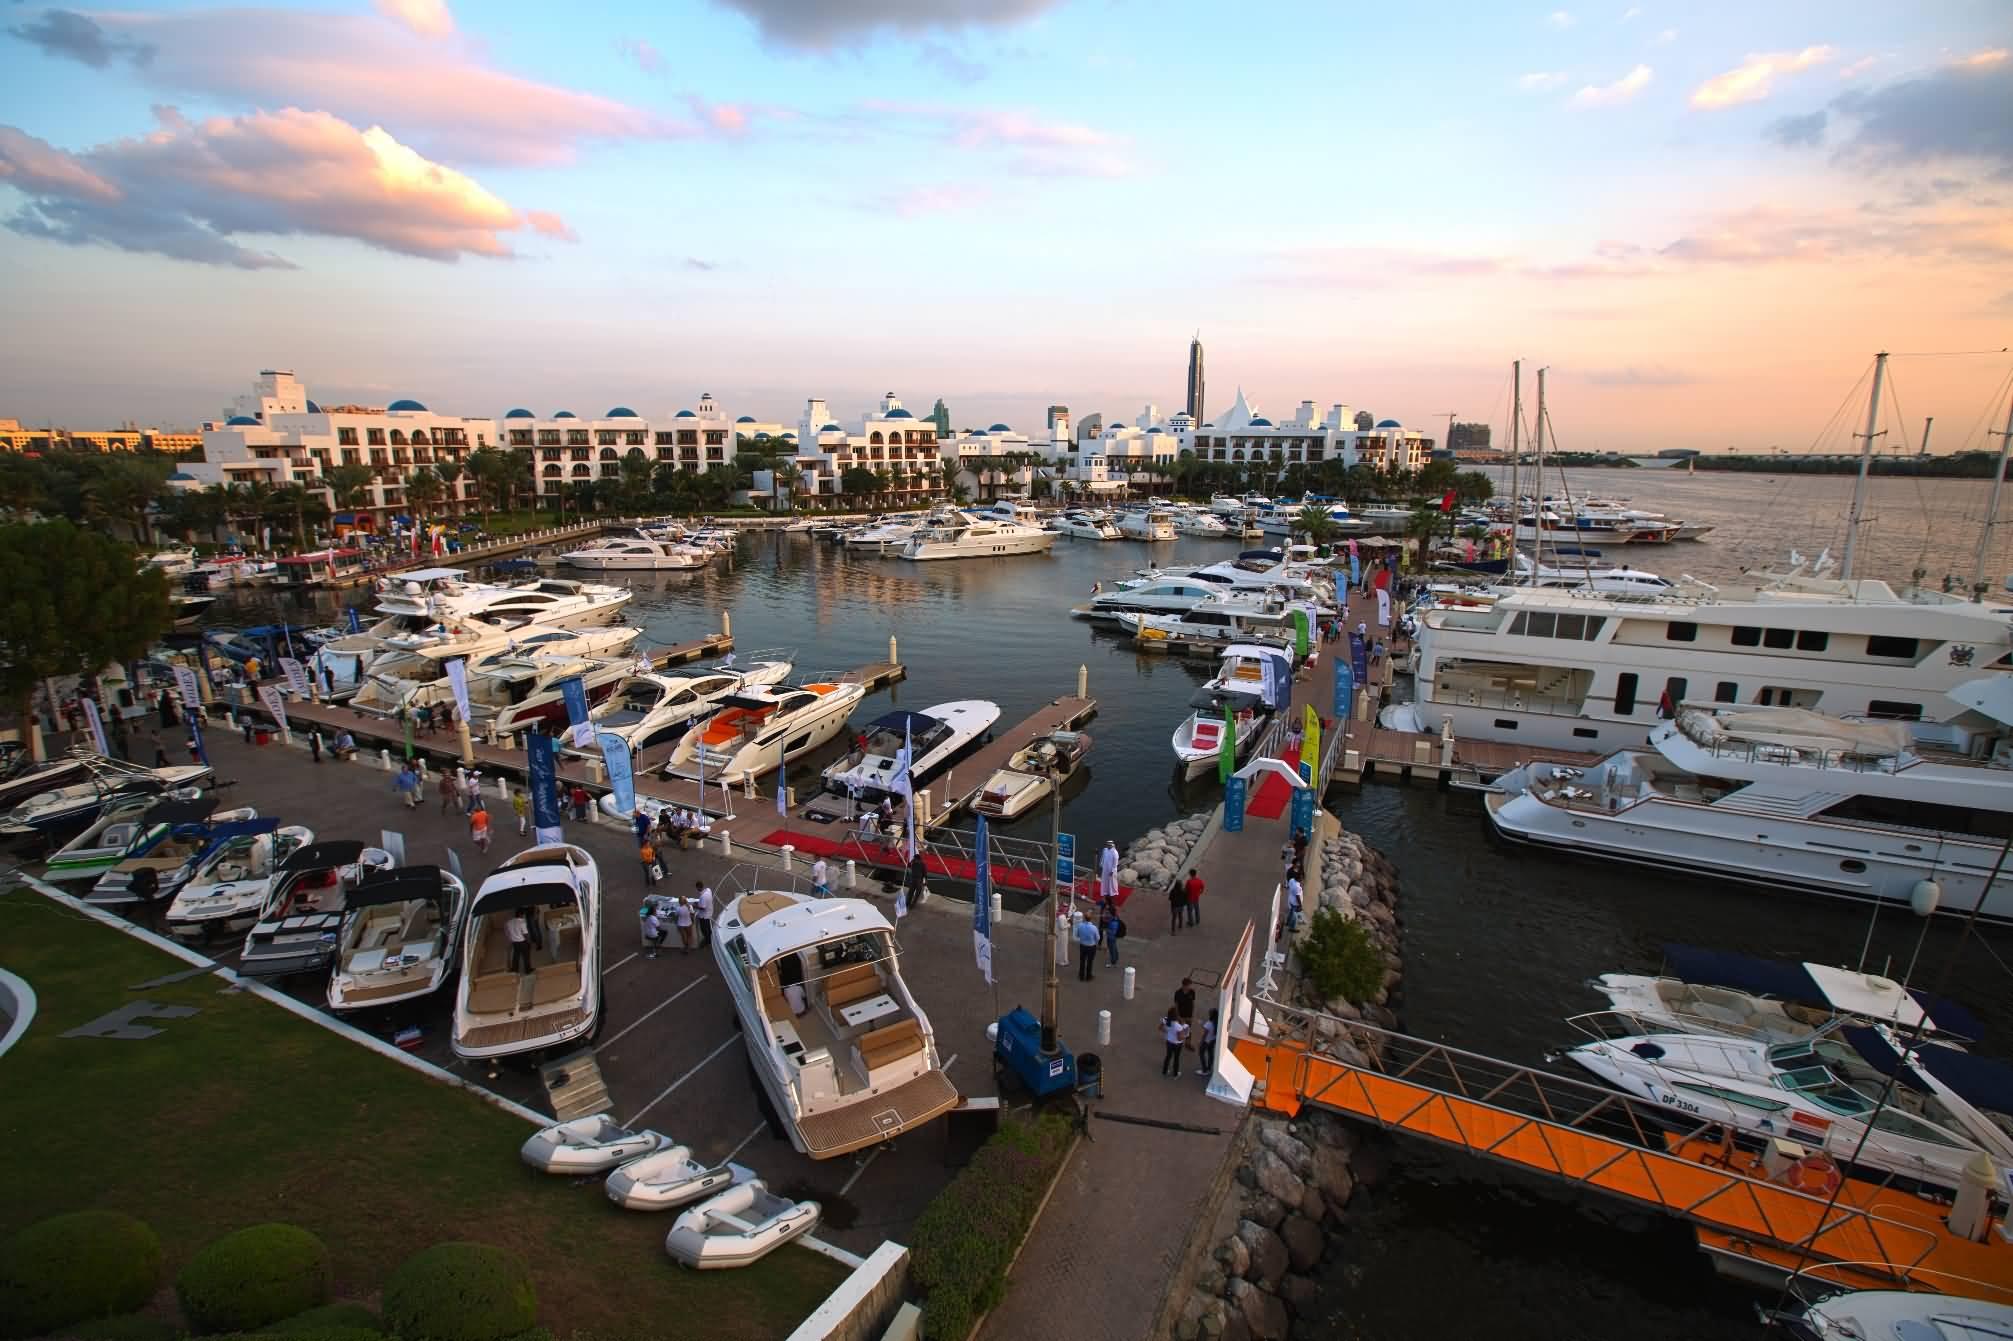 معرض دبي للقوارب المستعملة يعود إلى خور دبي مجددا